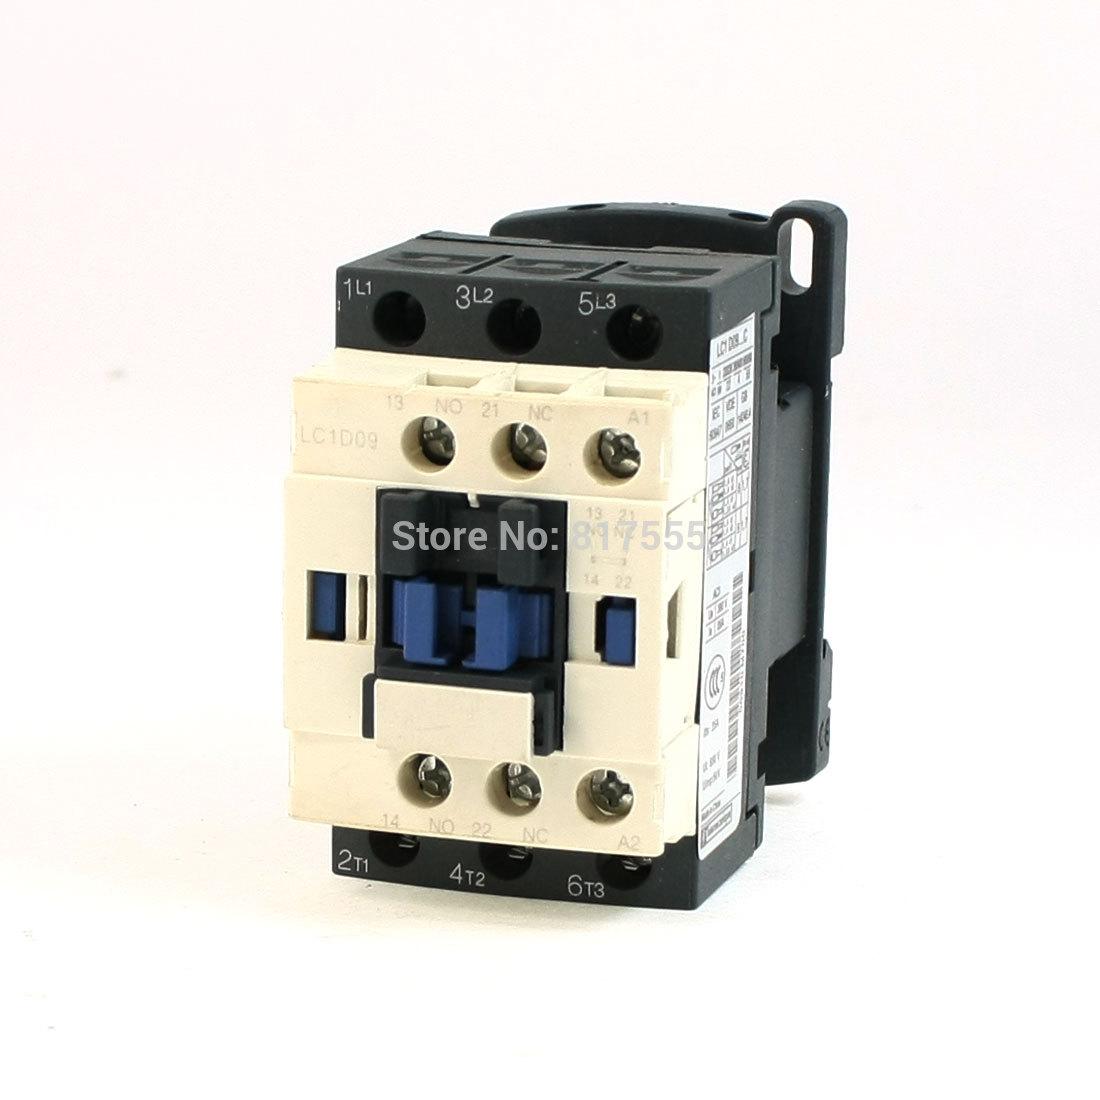 Замыкатель UX Motor LC1D09 AC 110 50/60 3/nc